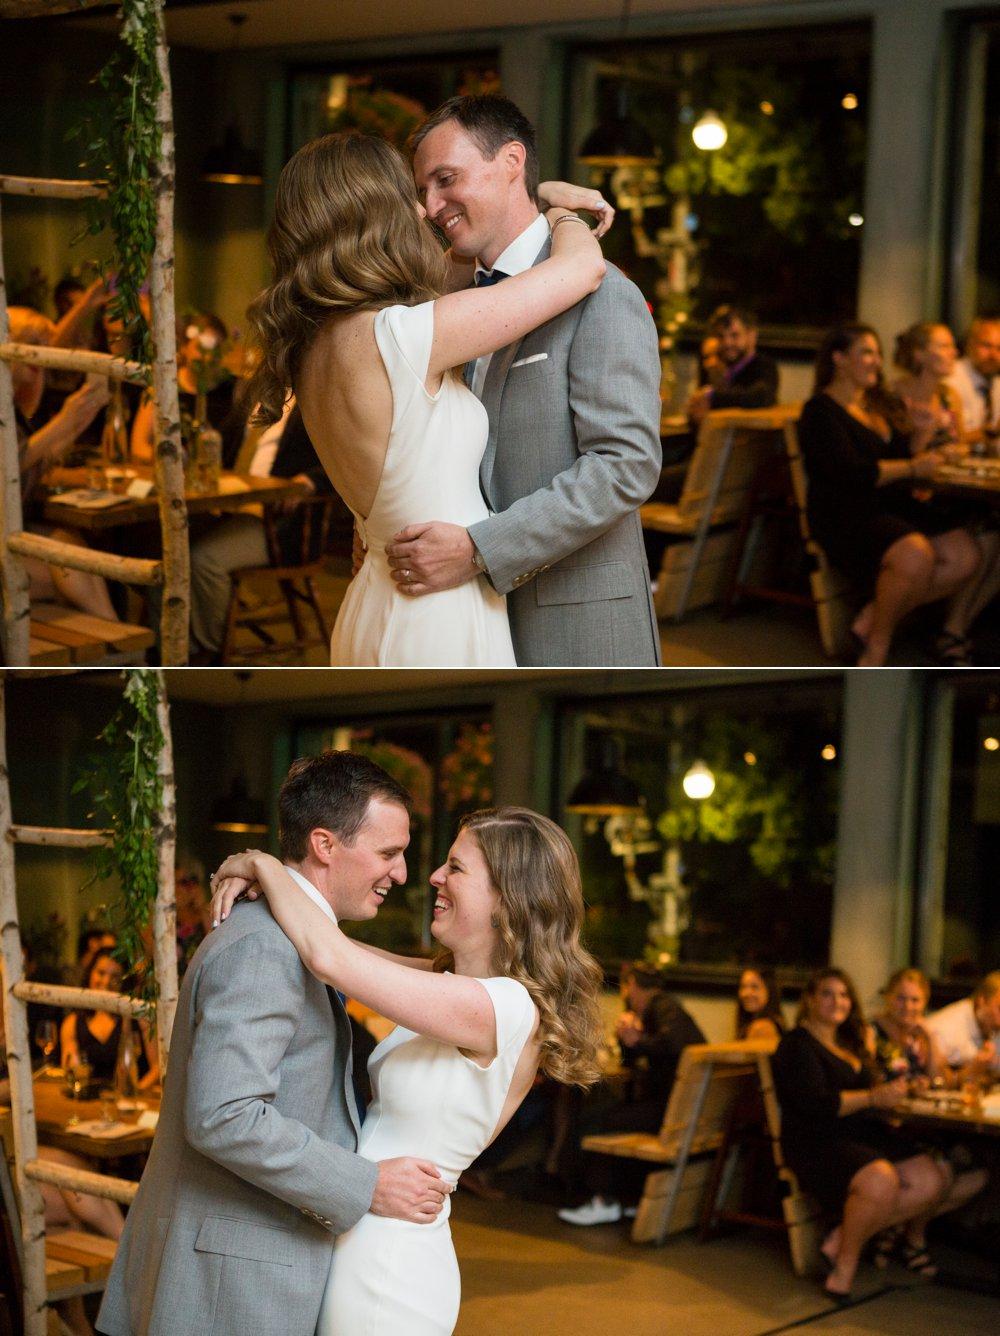 SomerbyJonesPhotography_LoyalNineWedding_LoyalNineRestaurant_LoyalNine_Wedding_0048.jpg